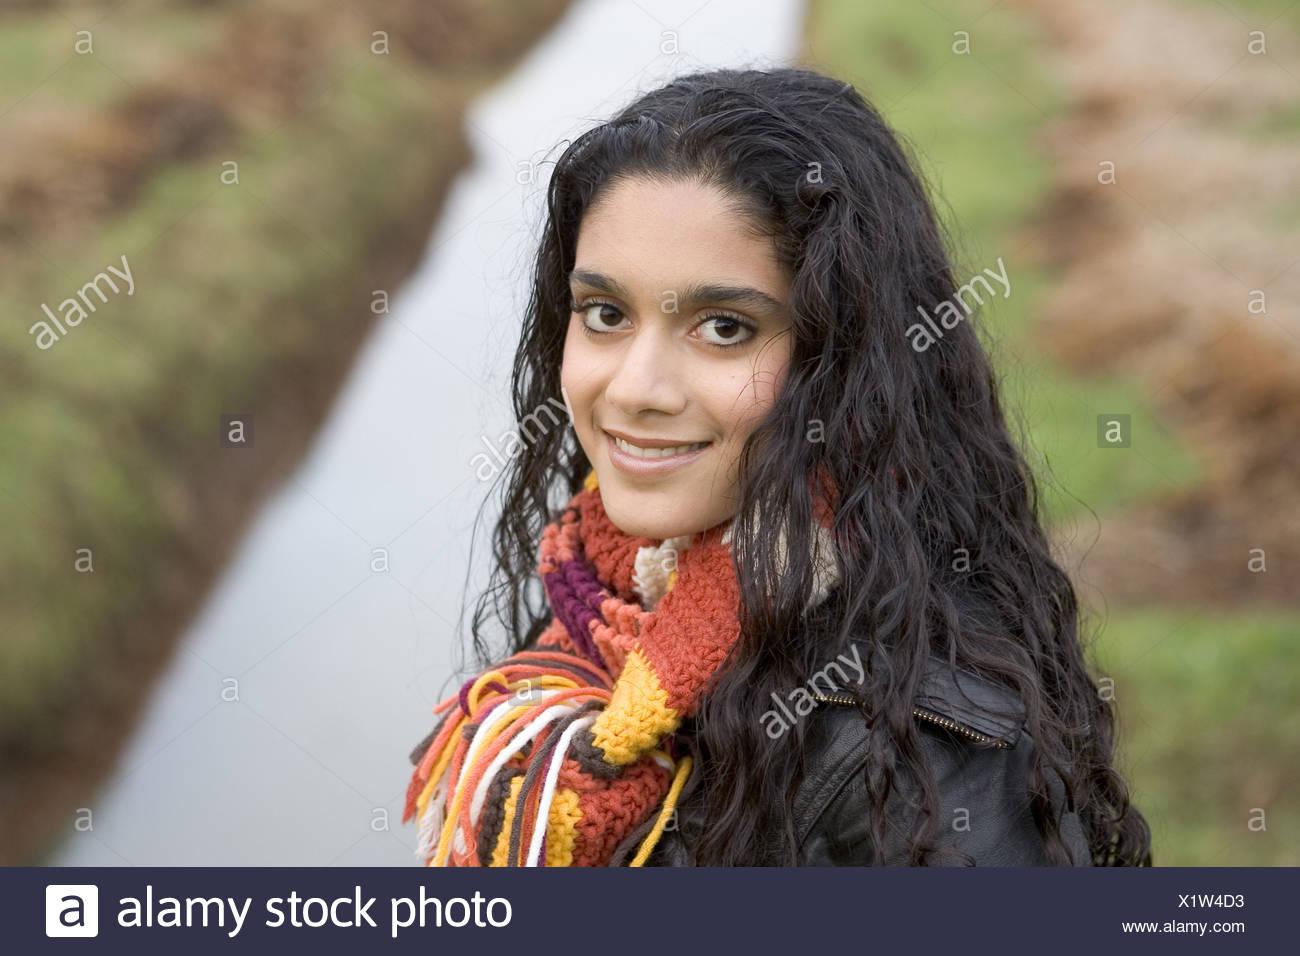 Jeune Femme Marocaine Visage Heureux Dans La Campagne Europeenne En Hiver A Heureux Vers La Camera Photo Stock Alamy